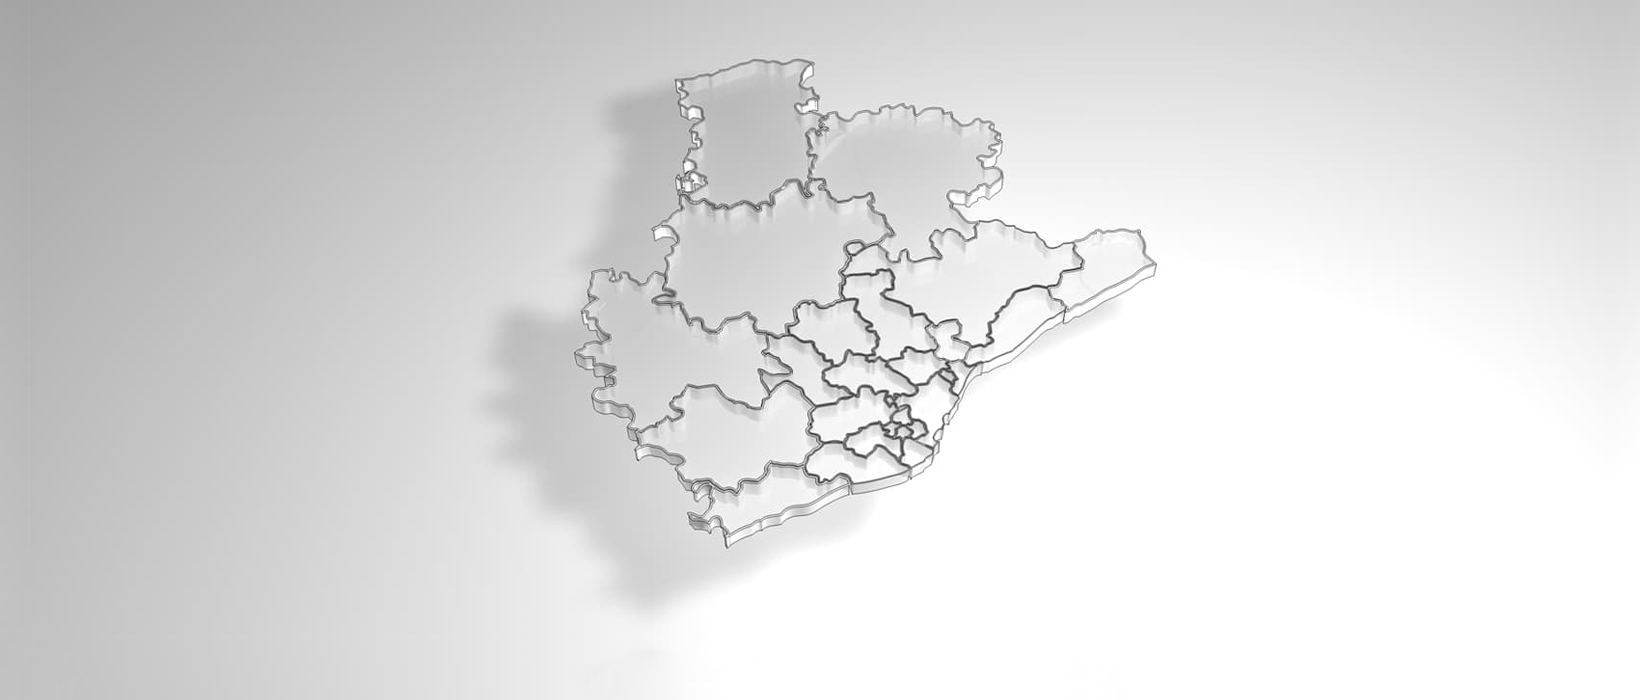 Imagen de cabecera para los partidos judiciales de la web de Pradera González Procuradores